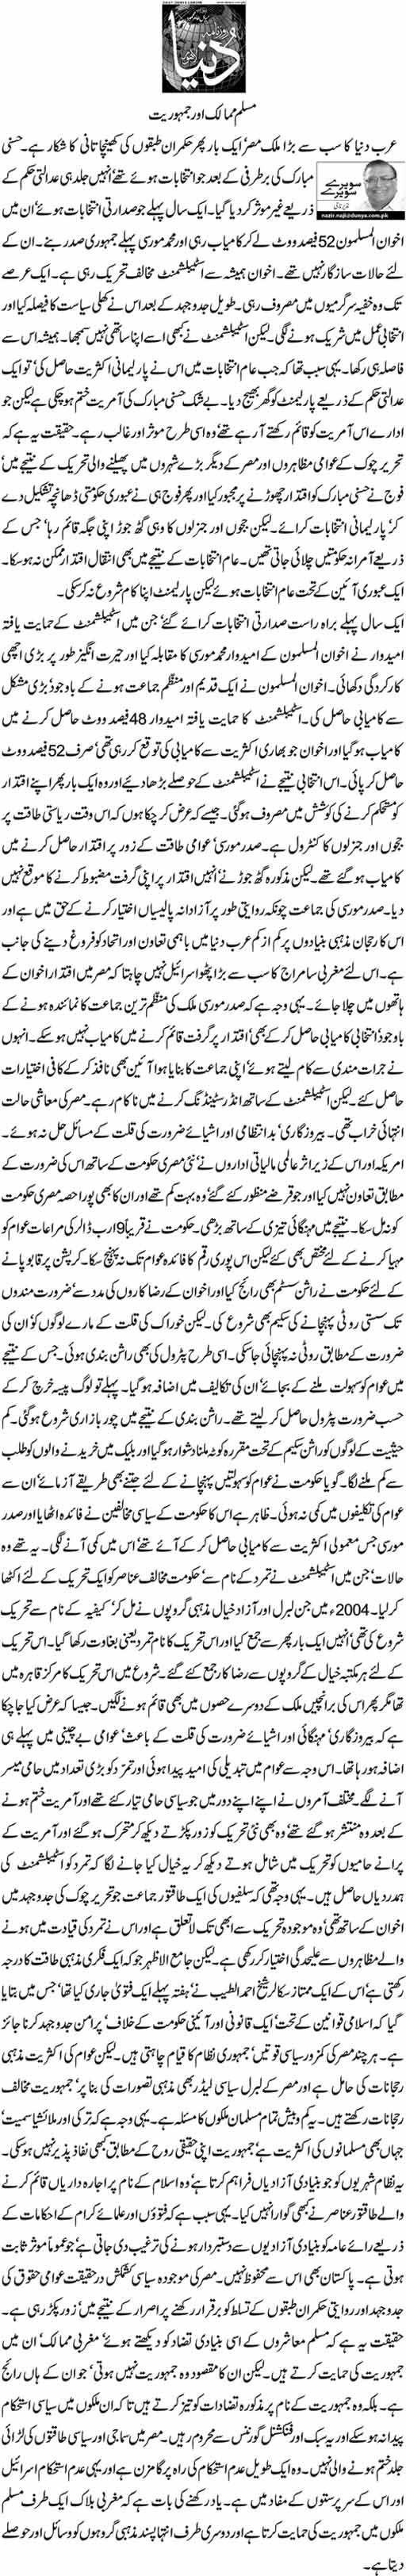 Muslim Mumalik Aur Jumhooriyyat - Nazeer Naji